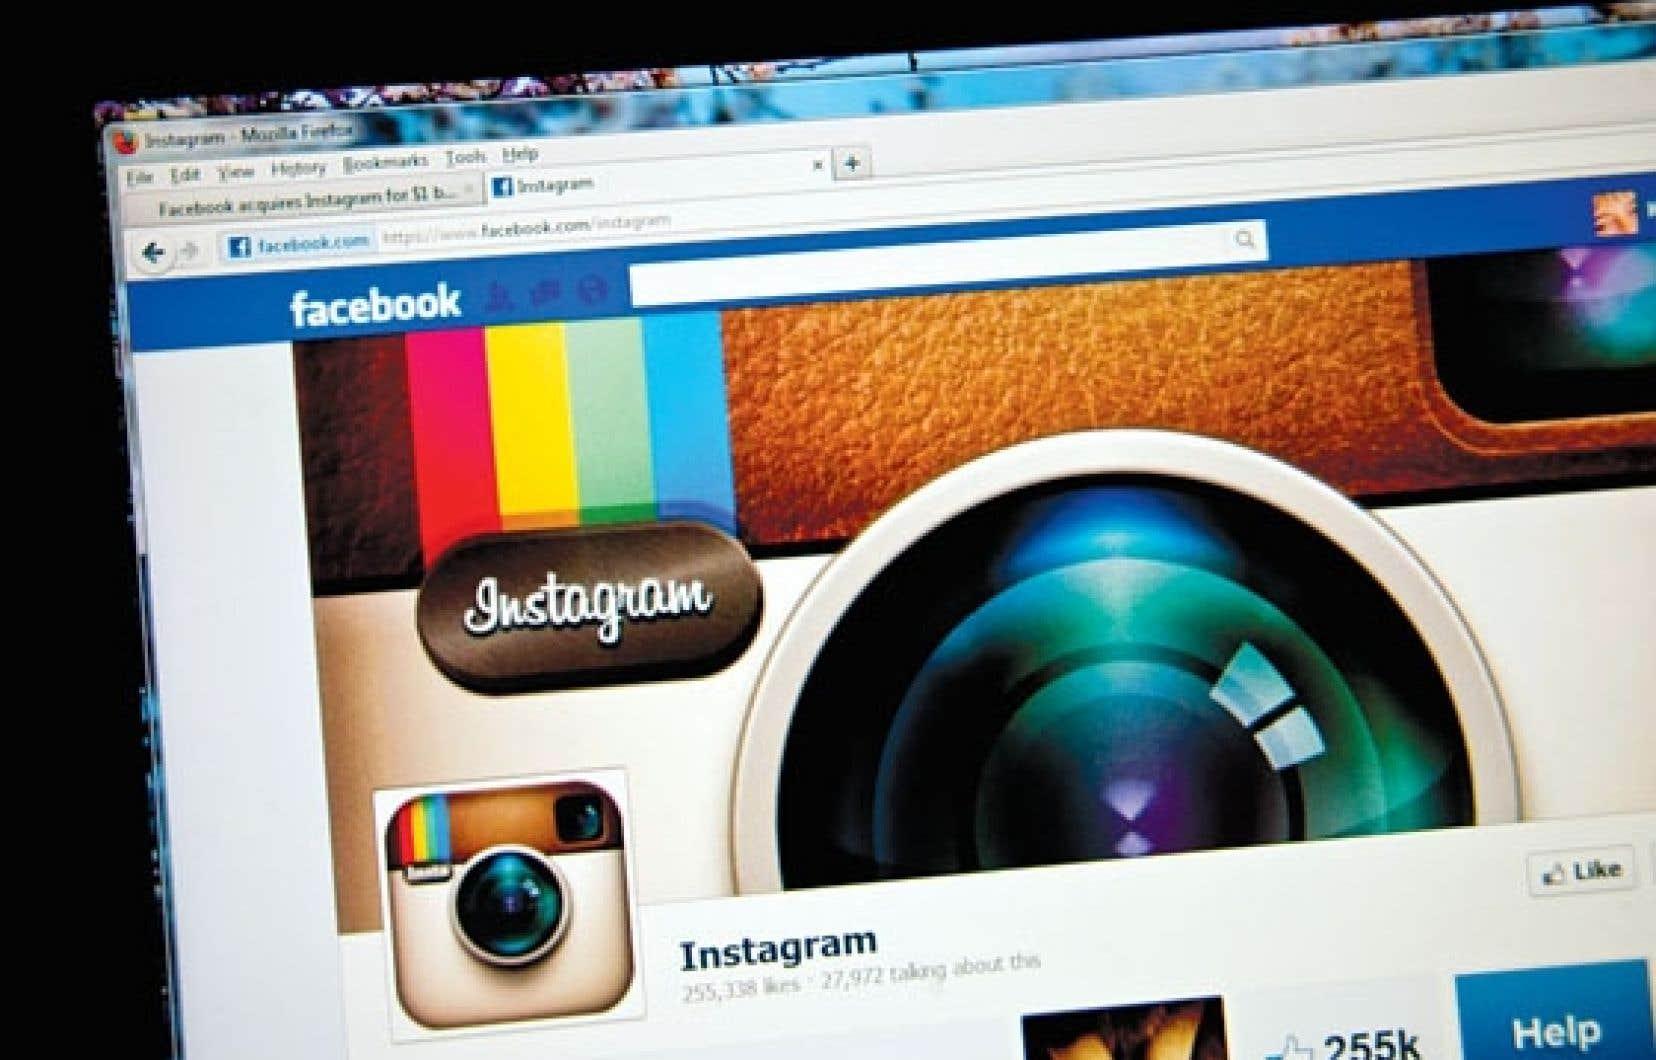 L'application de partage de photos Instagram a subi une baisse de 3,5 millions d'utilisateurs par jour en moyenne (-22 %) au cours des sept derniers jours.